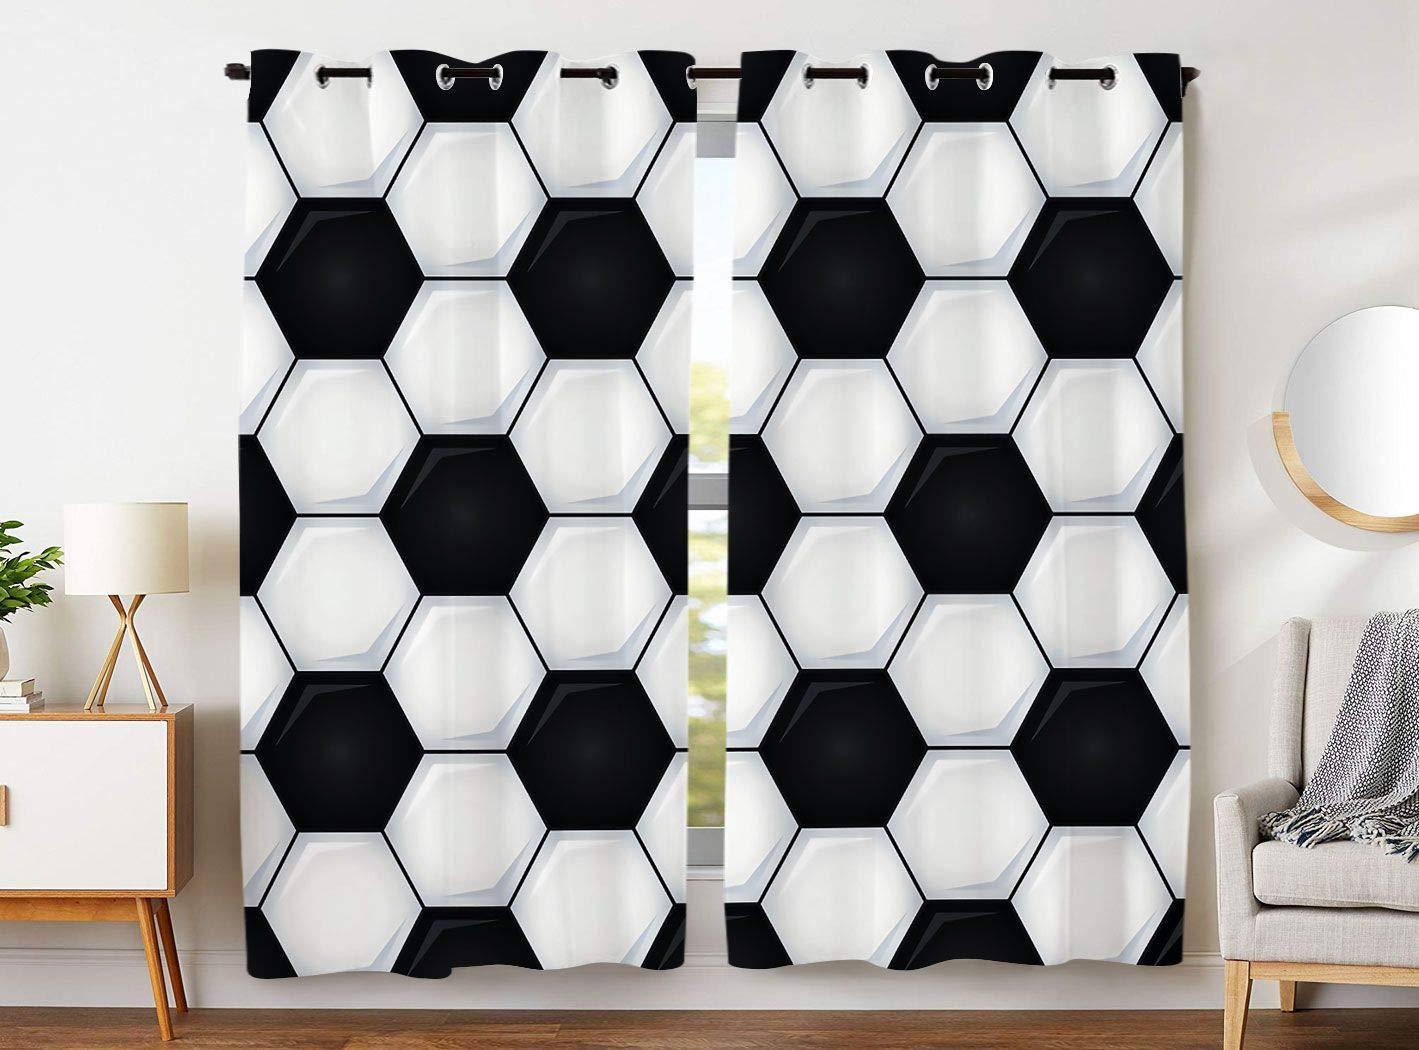 YISUMEI - Gardinen Blcikdicht - Fußball Design - 245 x 140 cm 2er Set Vorhang mit Ösen für Wohnzimmer Schlafzimmer